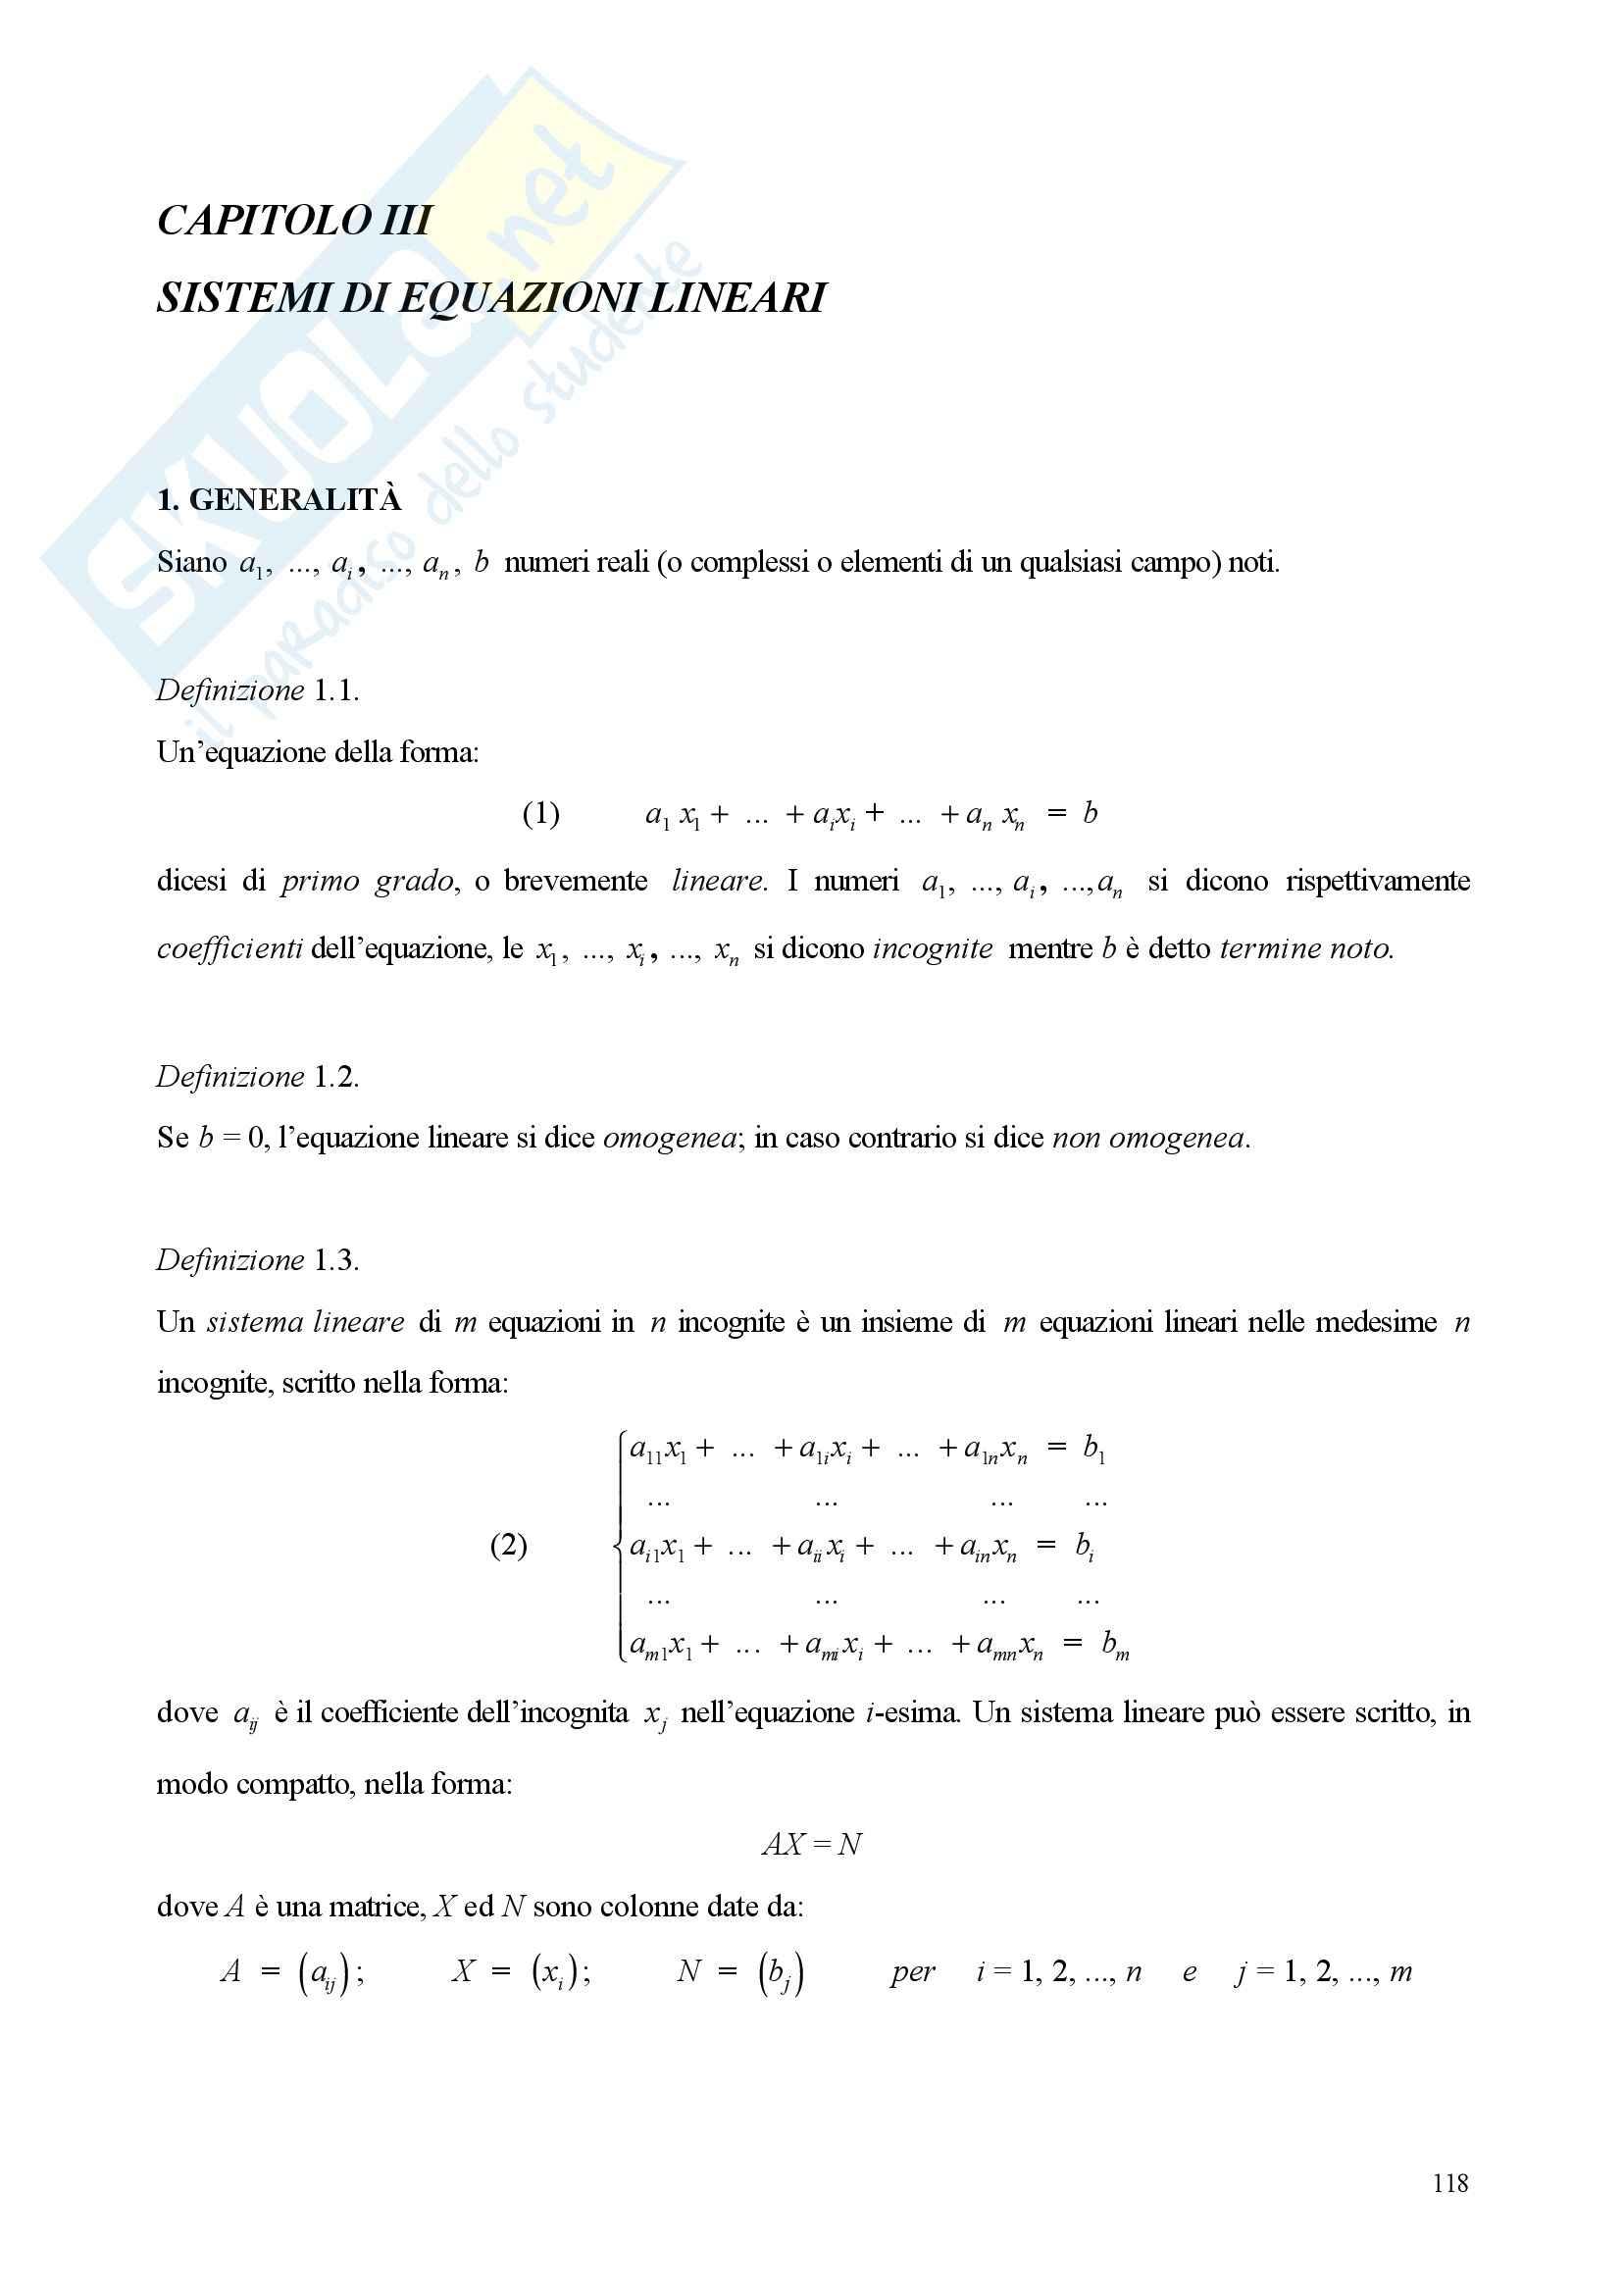 Sistemi di equazioni lineare - Appunti e esercizi